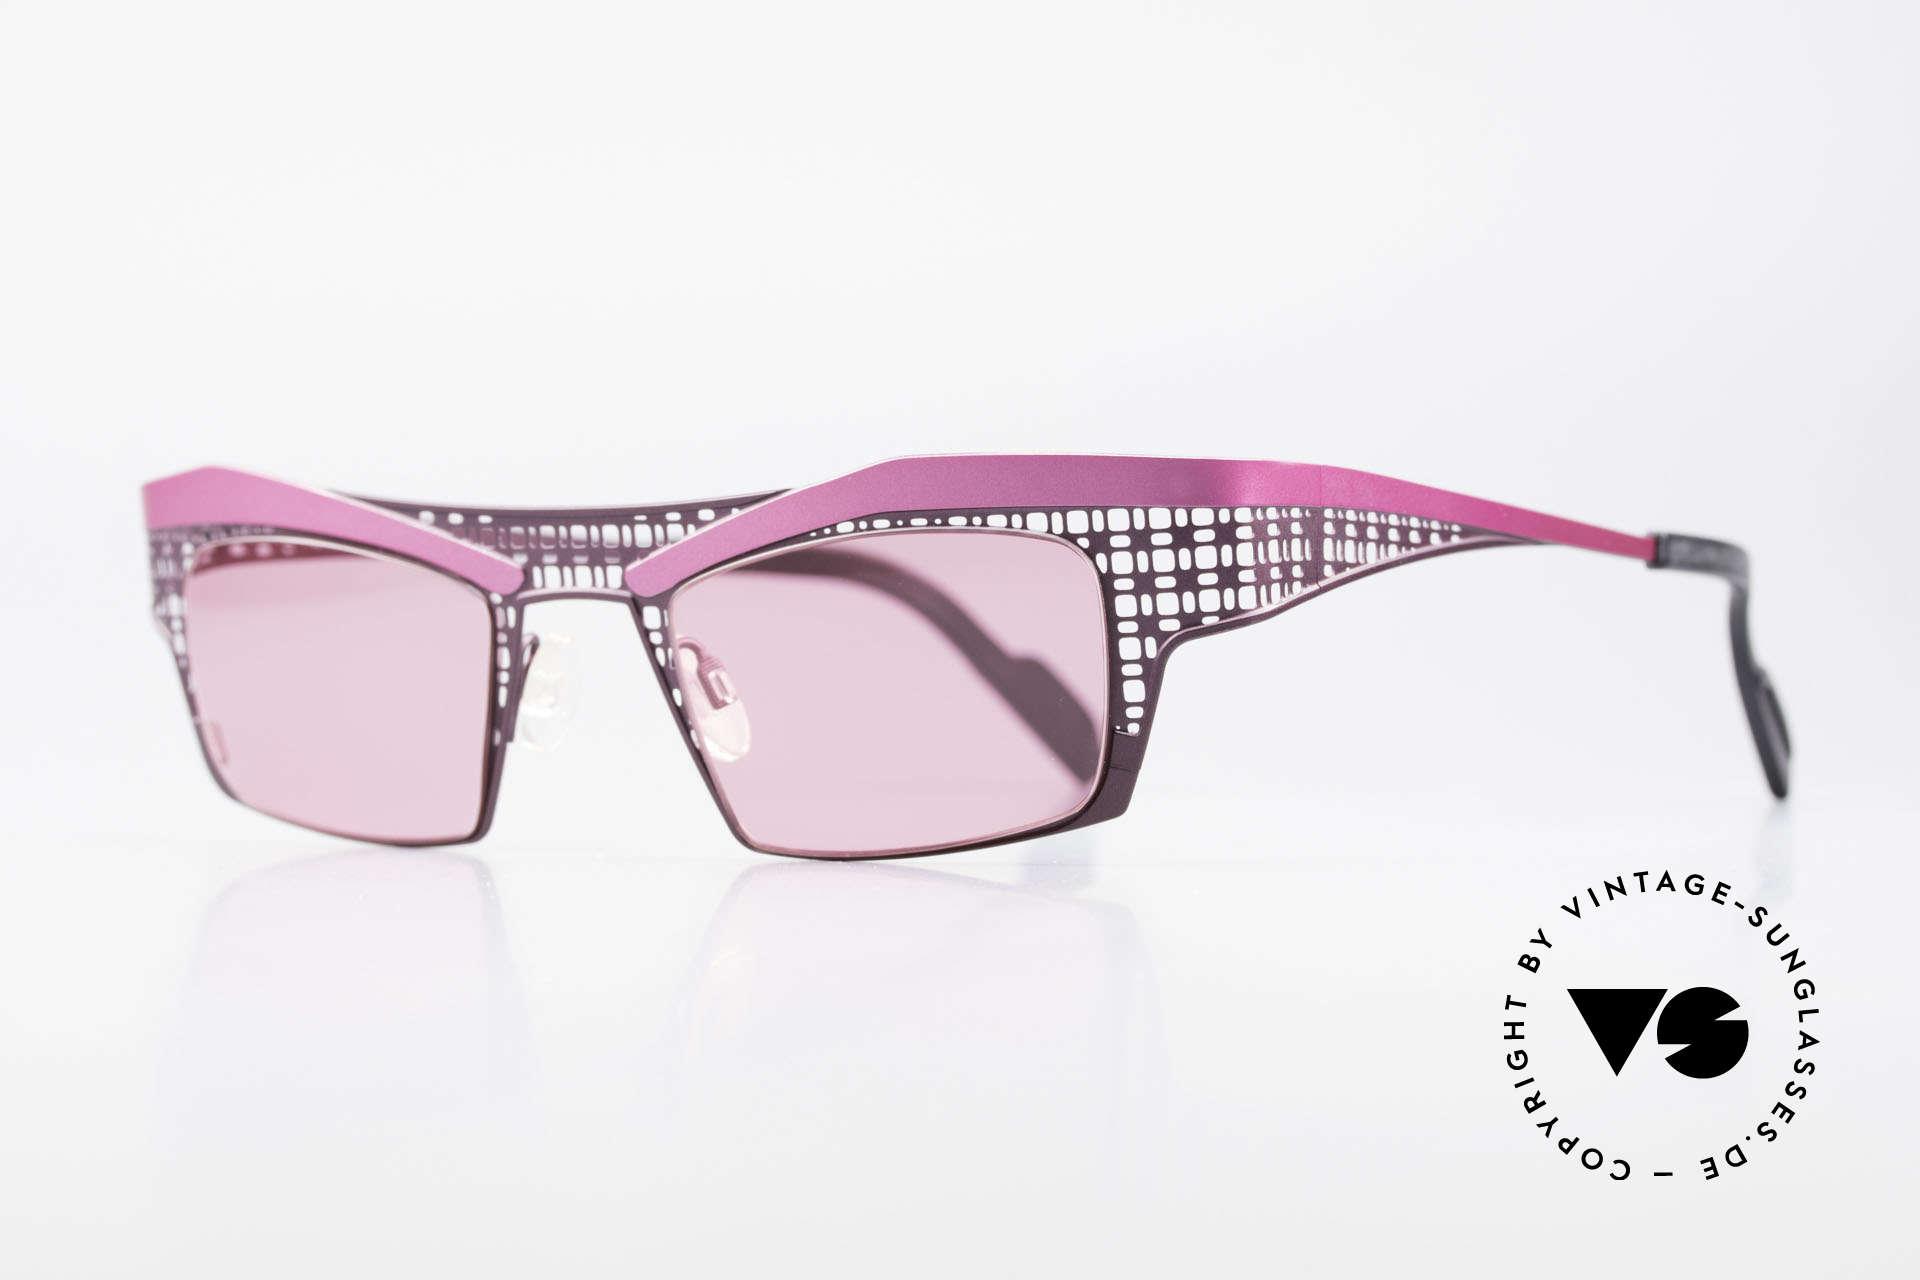 Theo Belgium Eye-Witness TA Avantgarde Sonnenbrille Pink, damals gemacht für die 'Avantgarde' und Individualisten, Passend für Damen